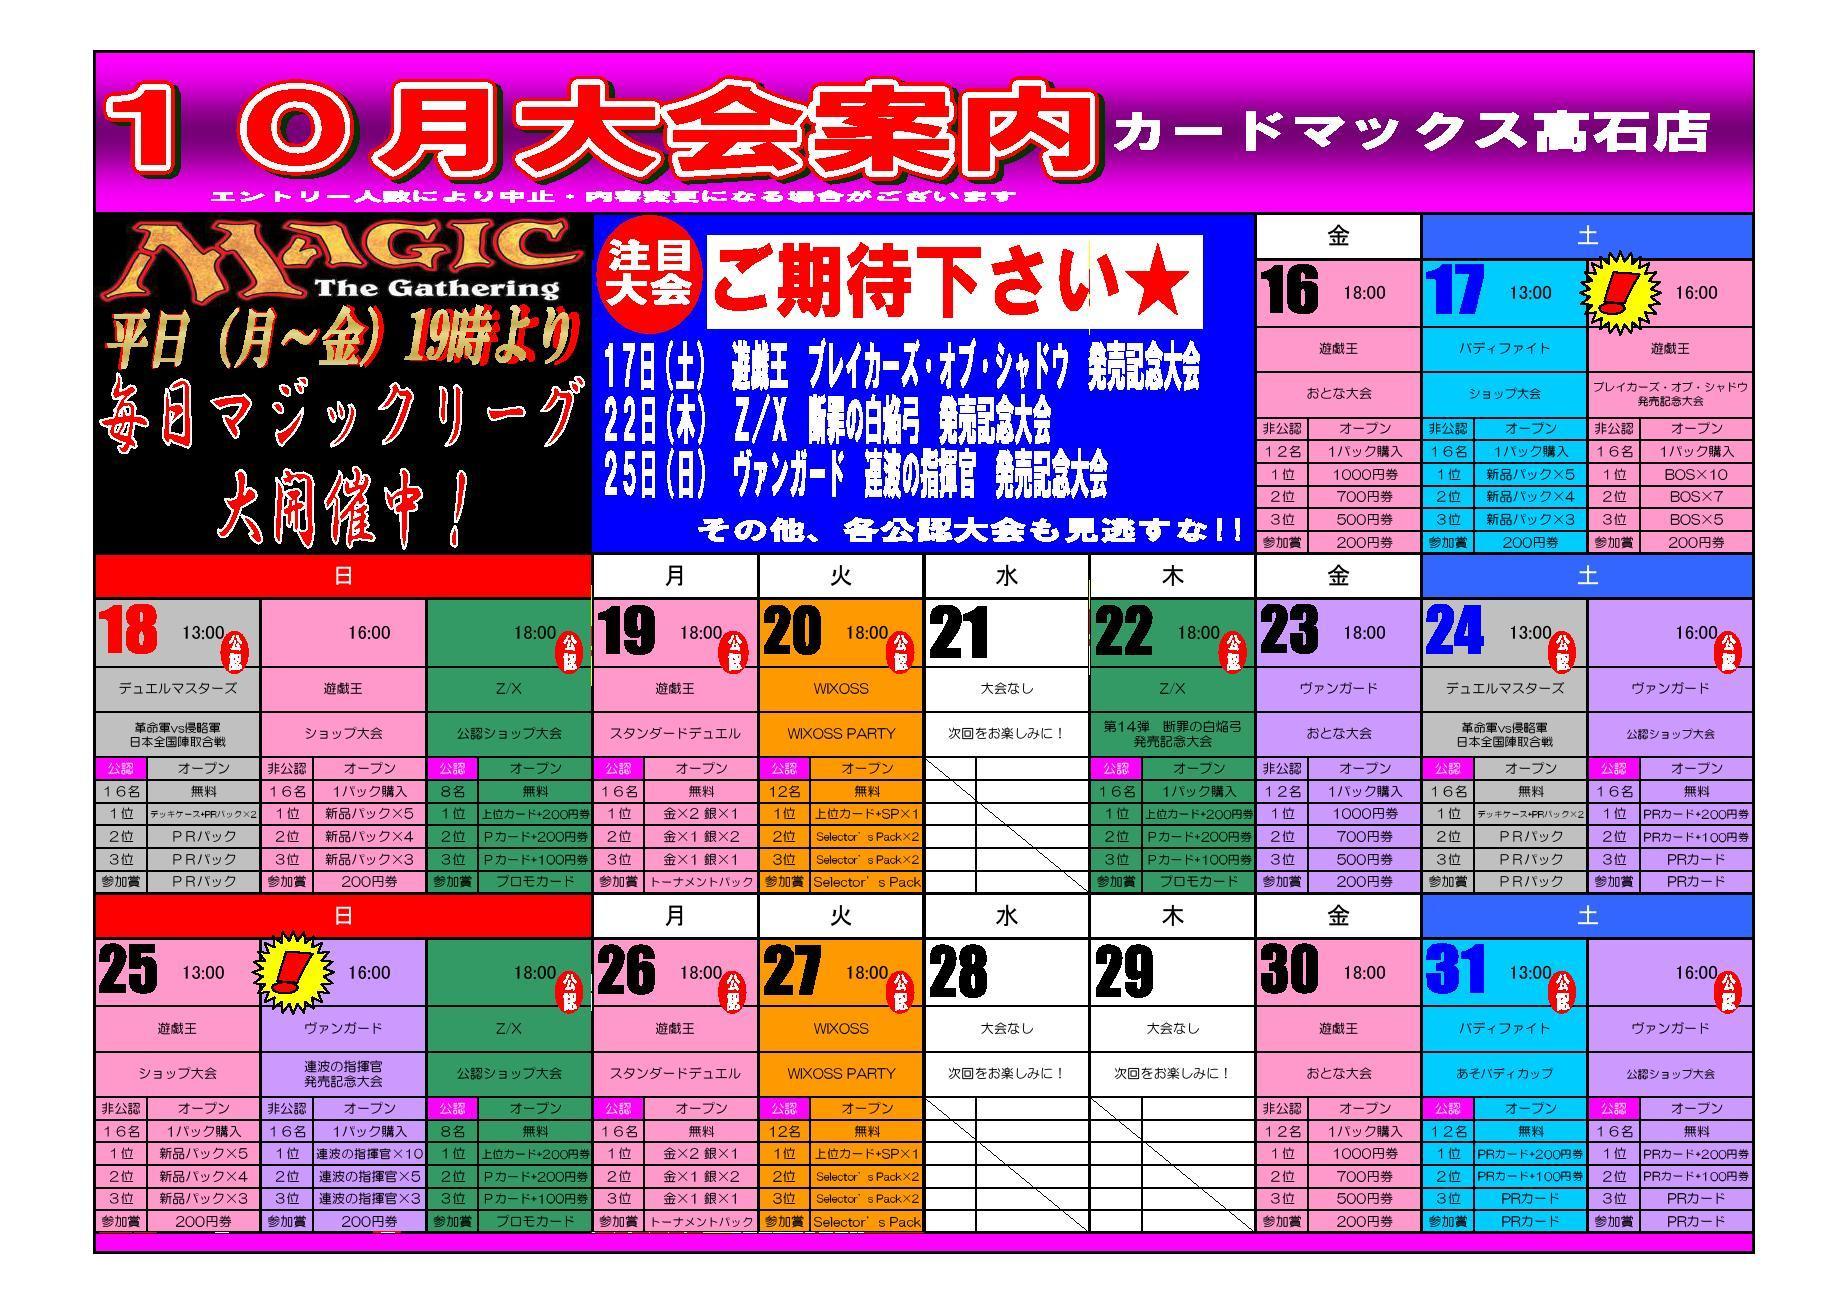 【高石店】10月後半大会情報_d0259027_23221790.jpg